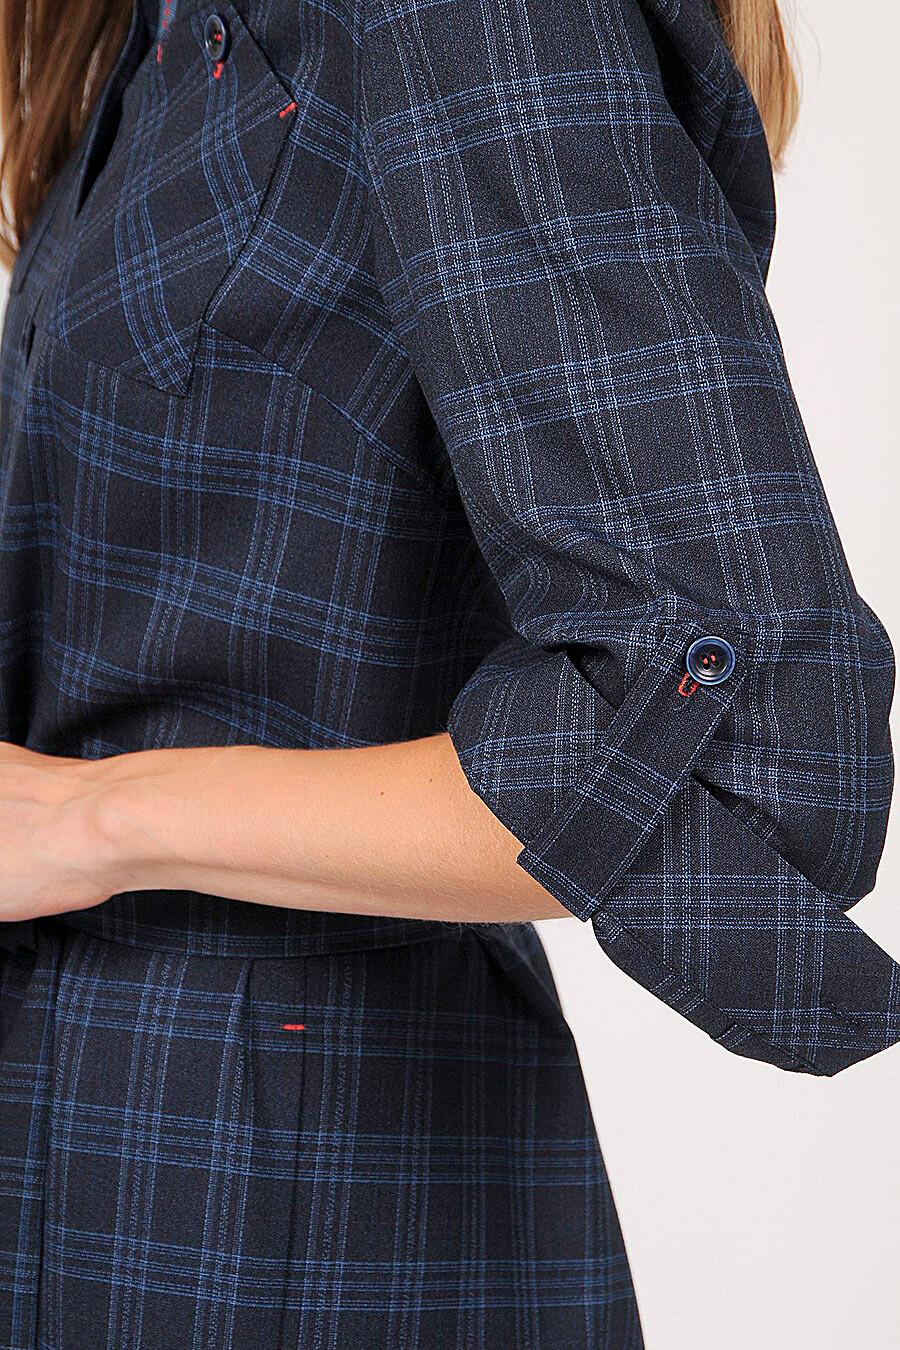 Платье для женщин VEMINA 708187 купить оптом от производителя. Совместная покупка женской одежды в OptMoyo